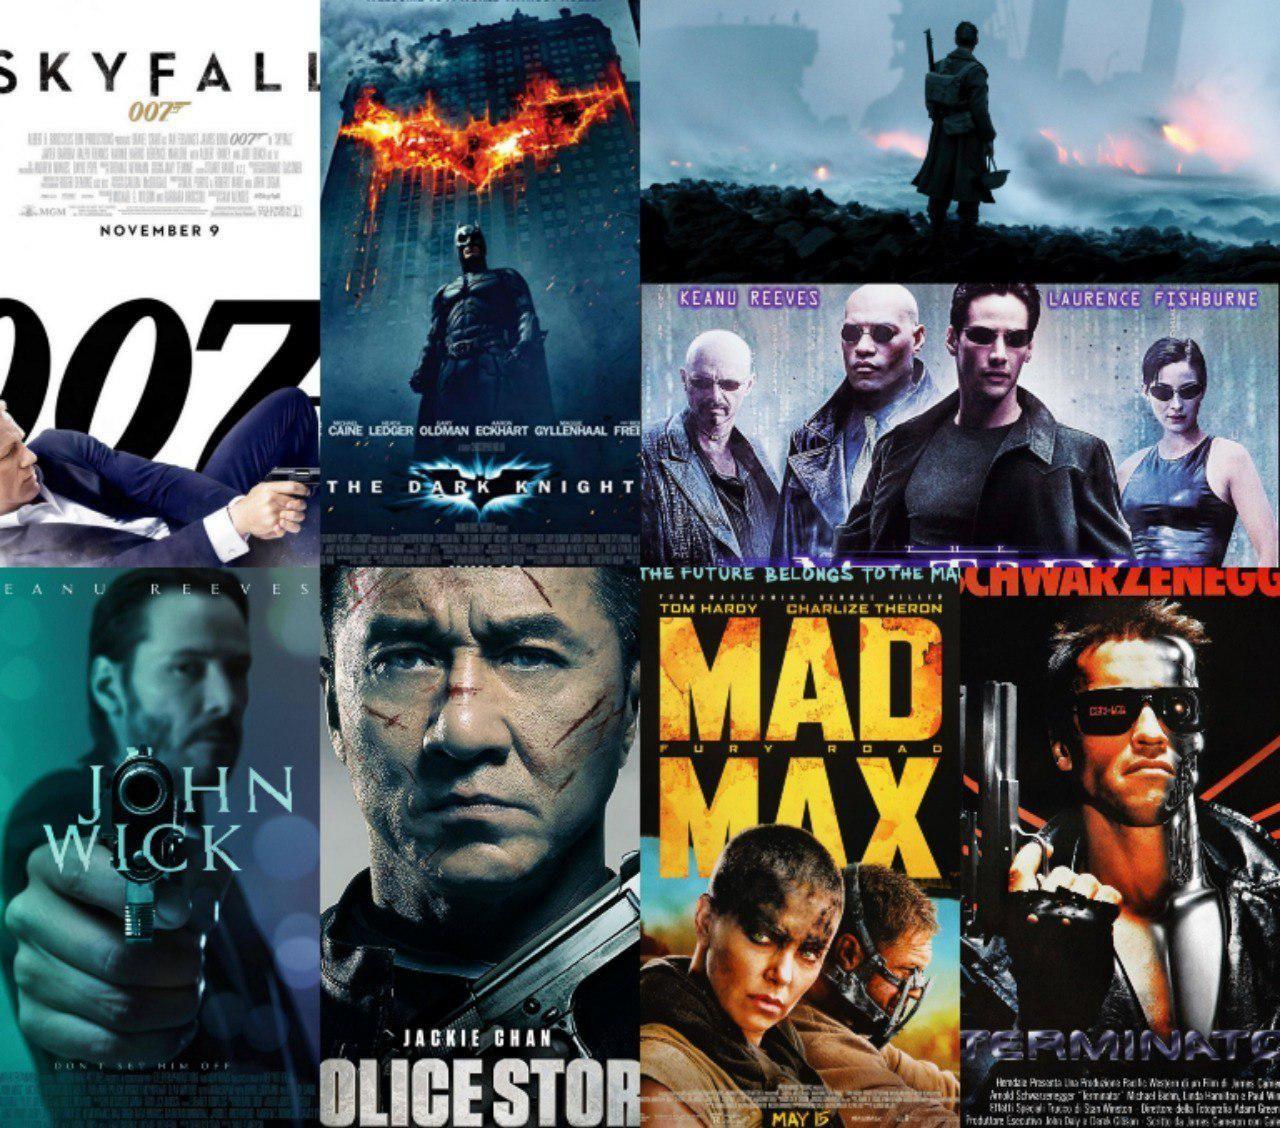 شاهد افلام اون لاين افلام اكشن افلام رعب افلام للكبار فقط ننشر لكم موقع جديد يتربع على مواقع مشاهدة افلام اون لاي في مصر و Keanu Reeves Jackie Chan Tom Hardy